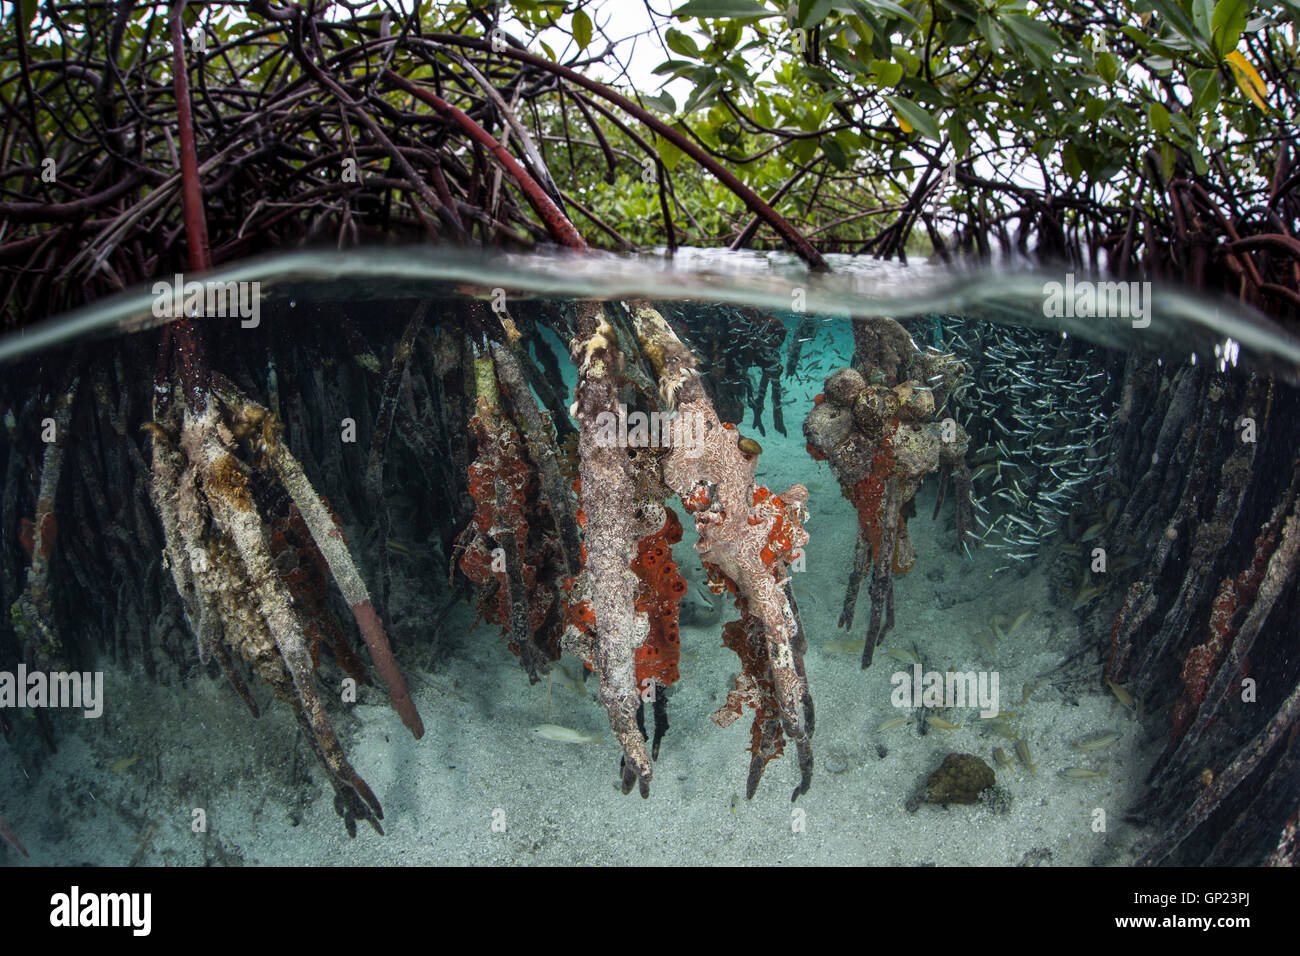 Les mangroves de l'écosystème, Rhizophora, Turneffe Atoll, des Caraïbes, le Belize Photo Stock